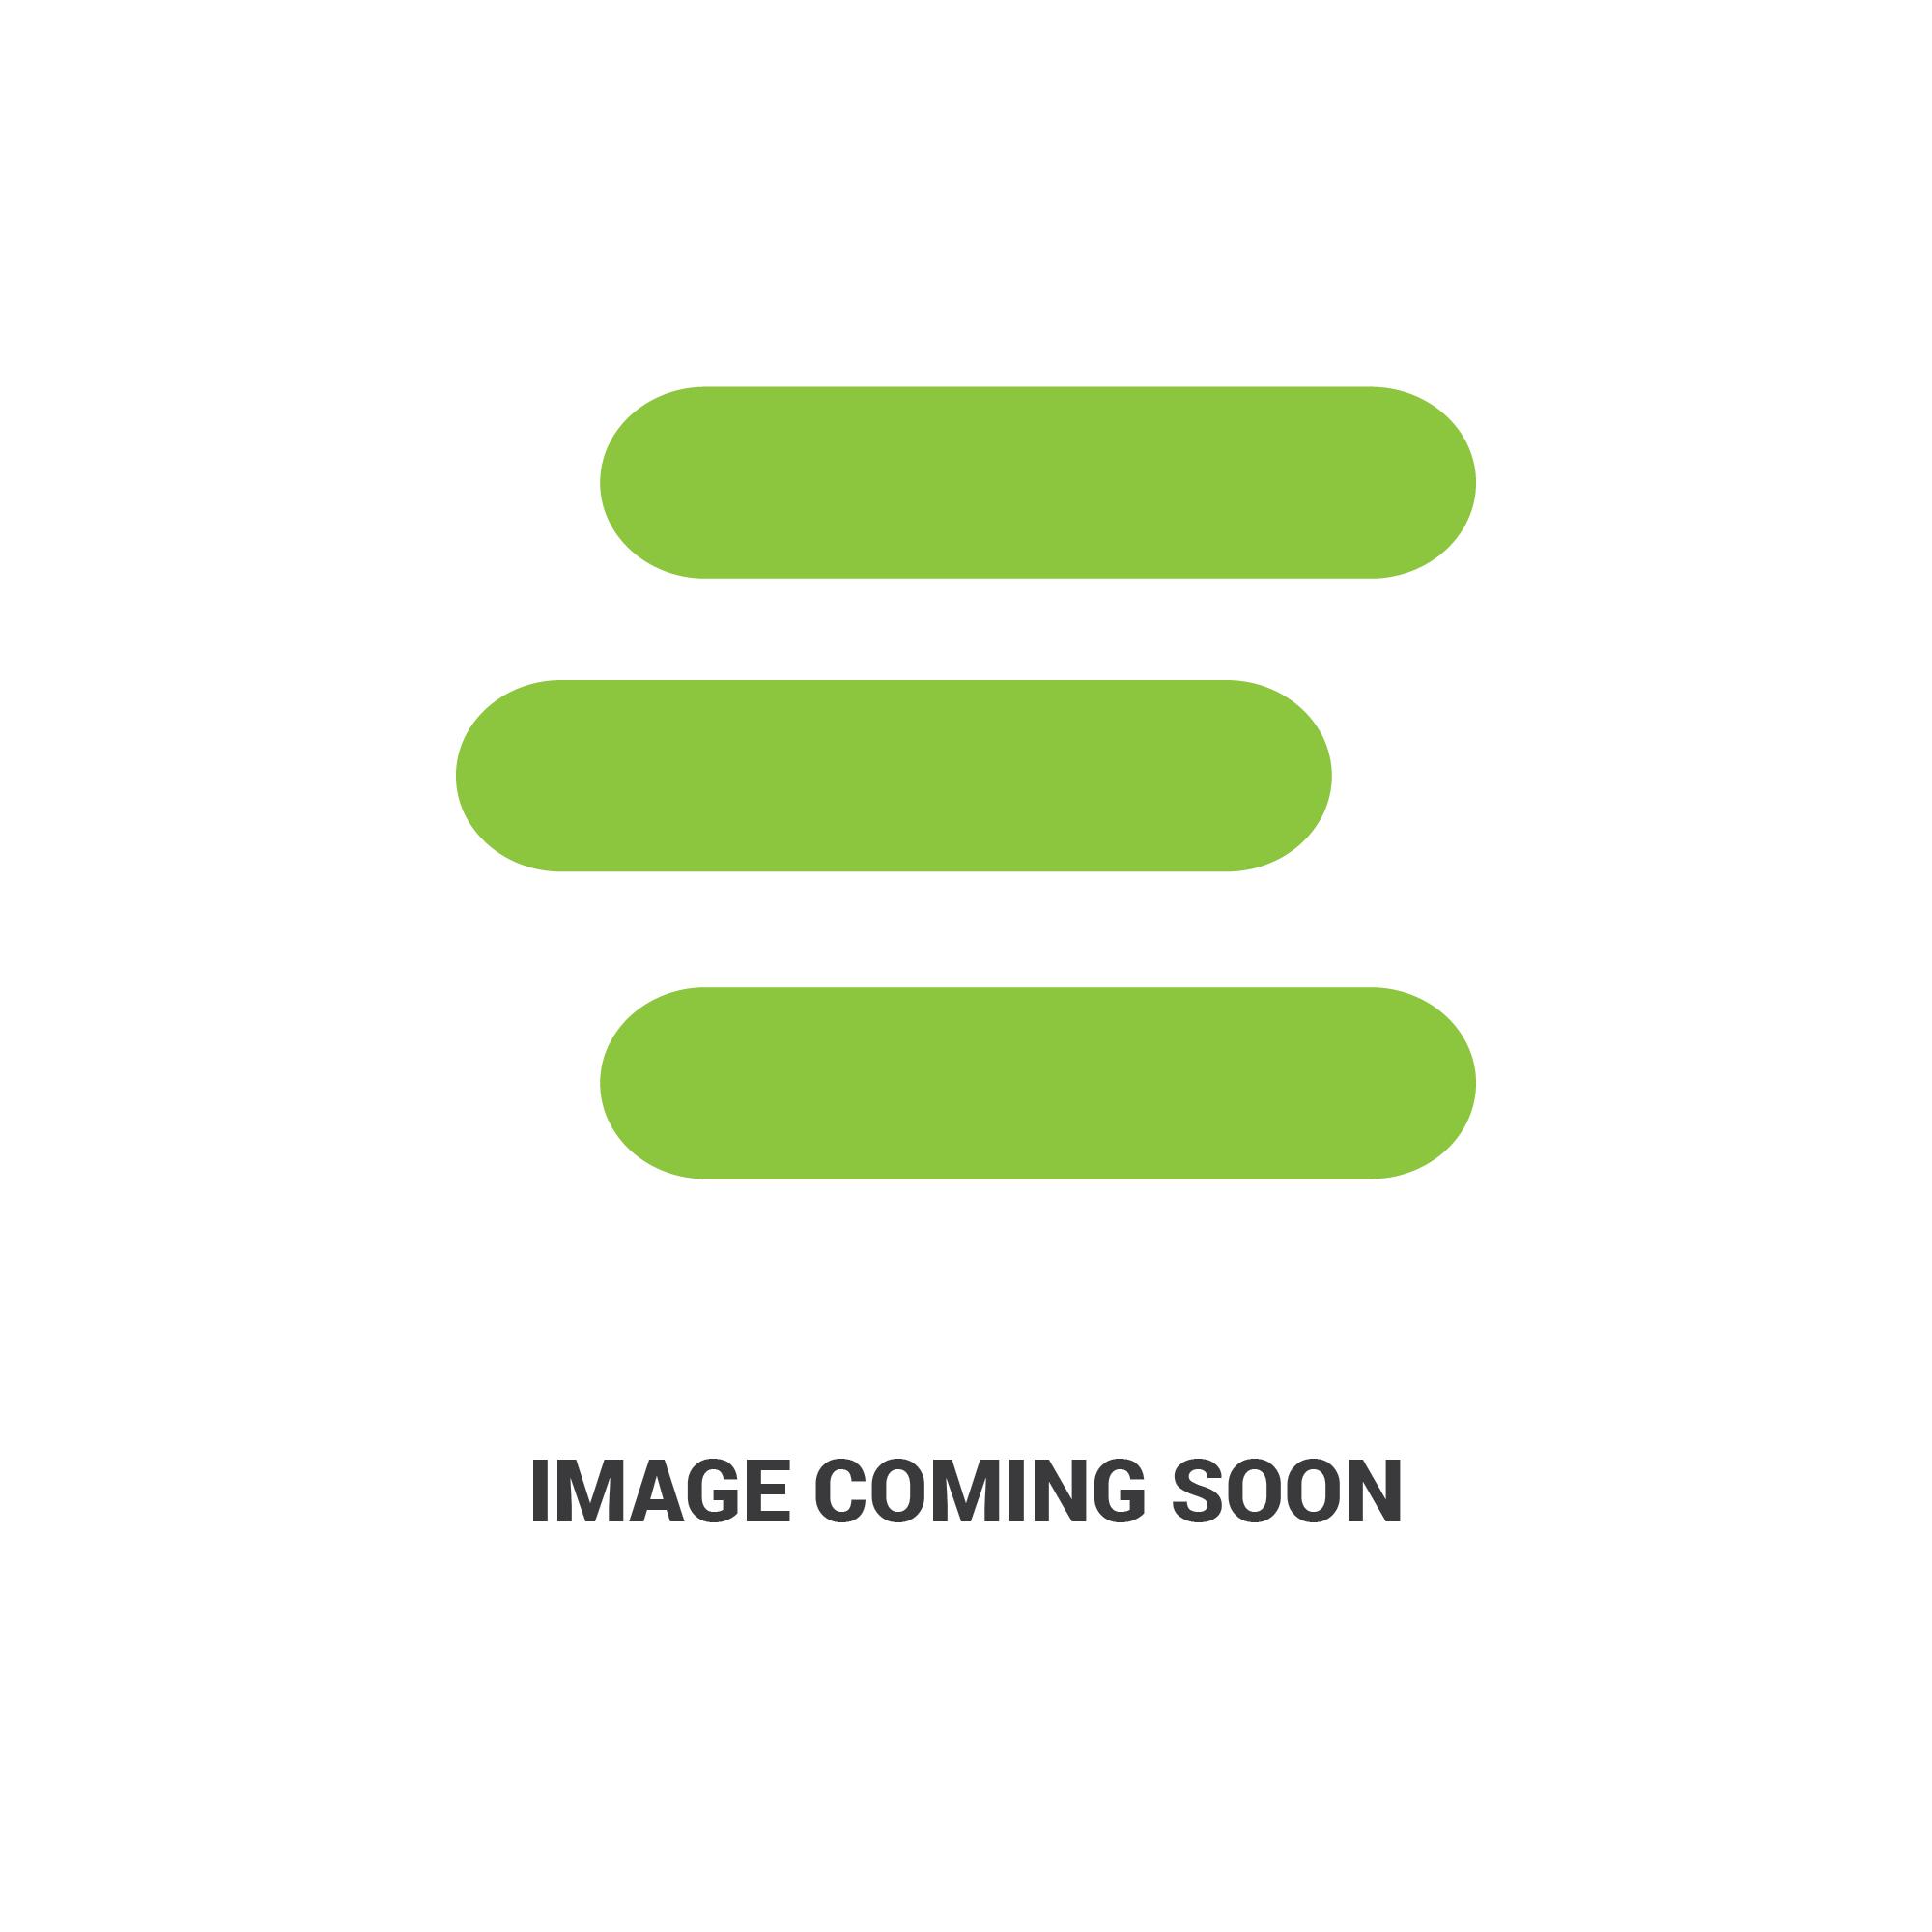 E-471829-Iedit 2.jpg